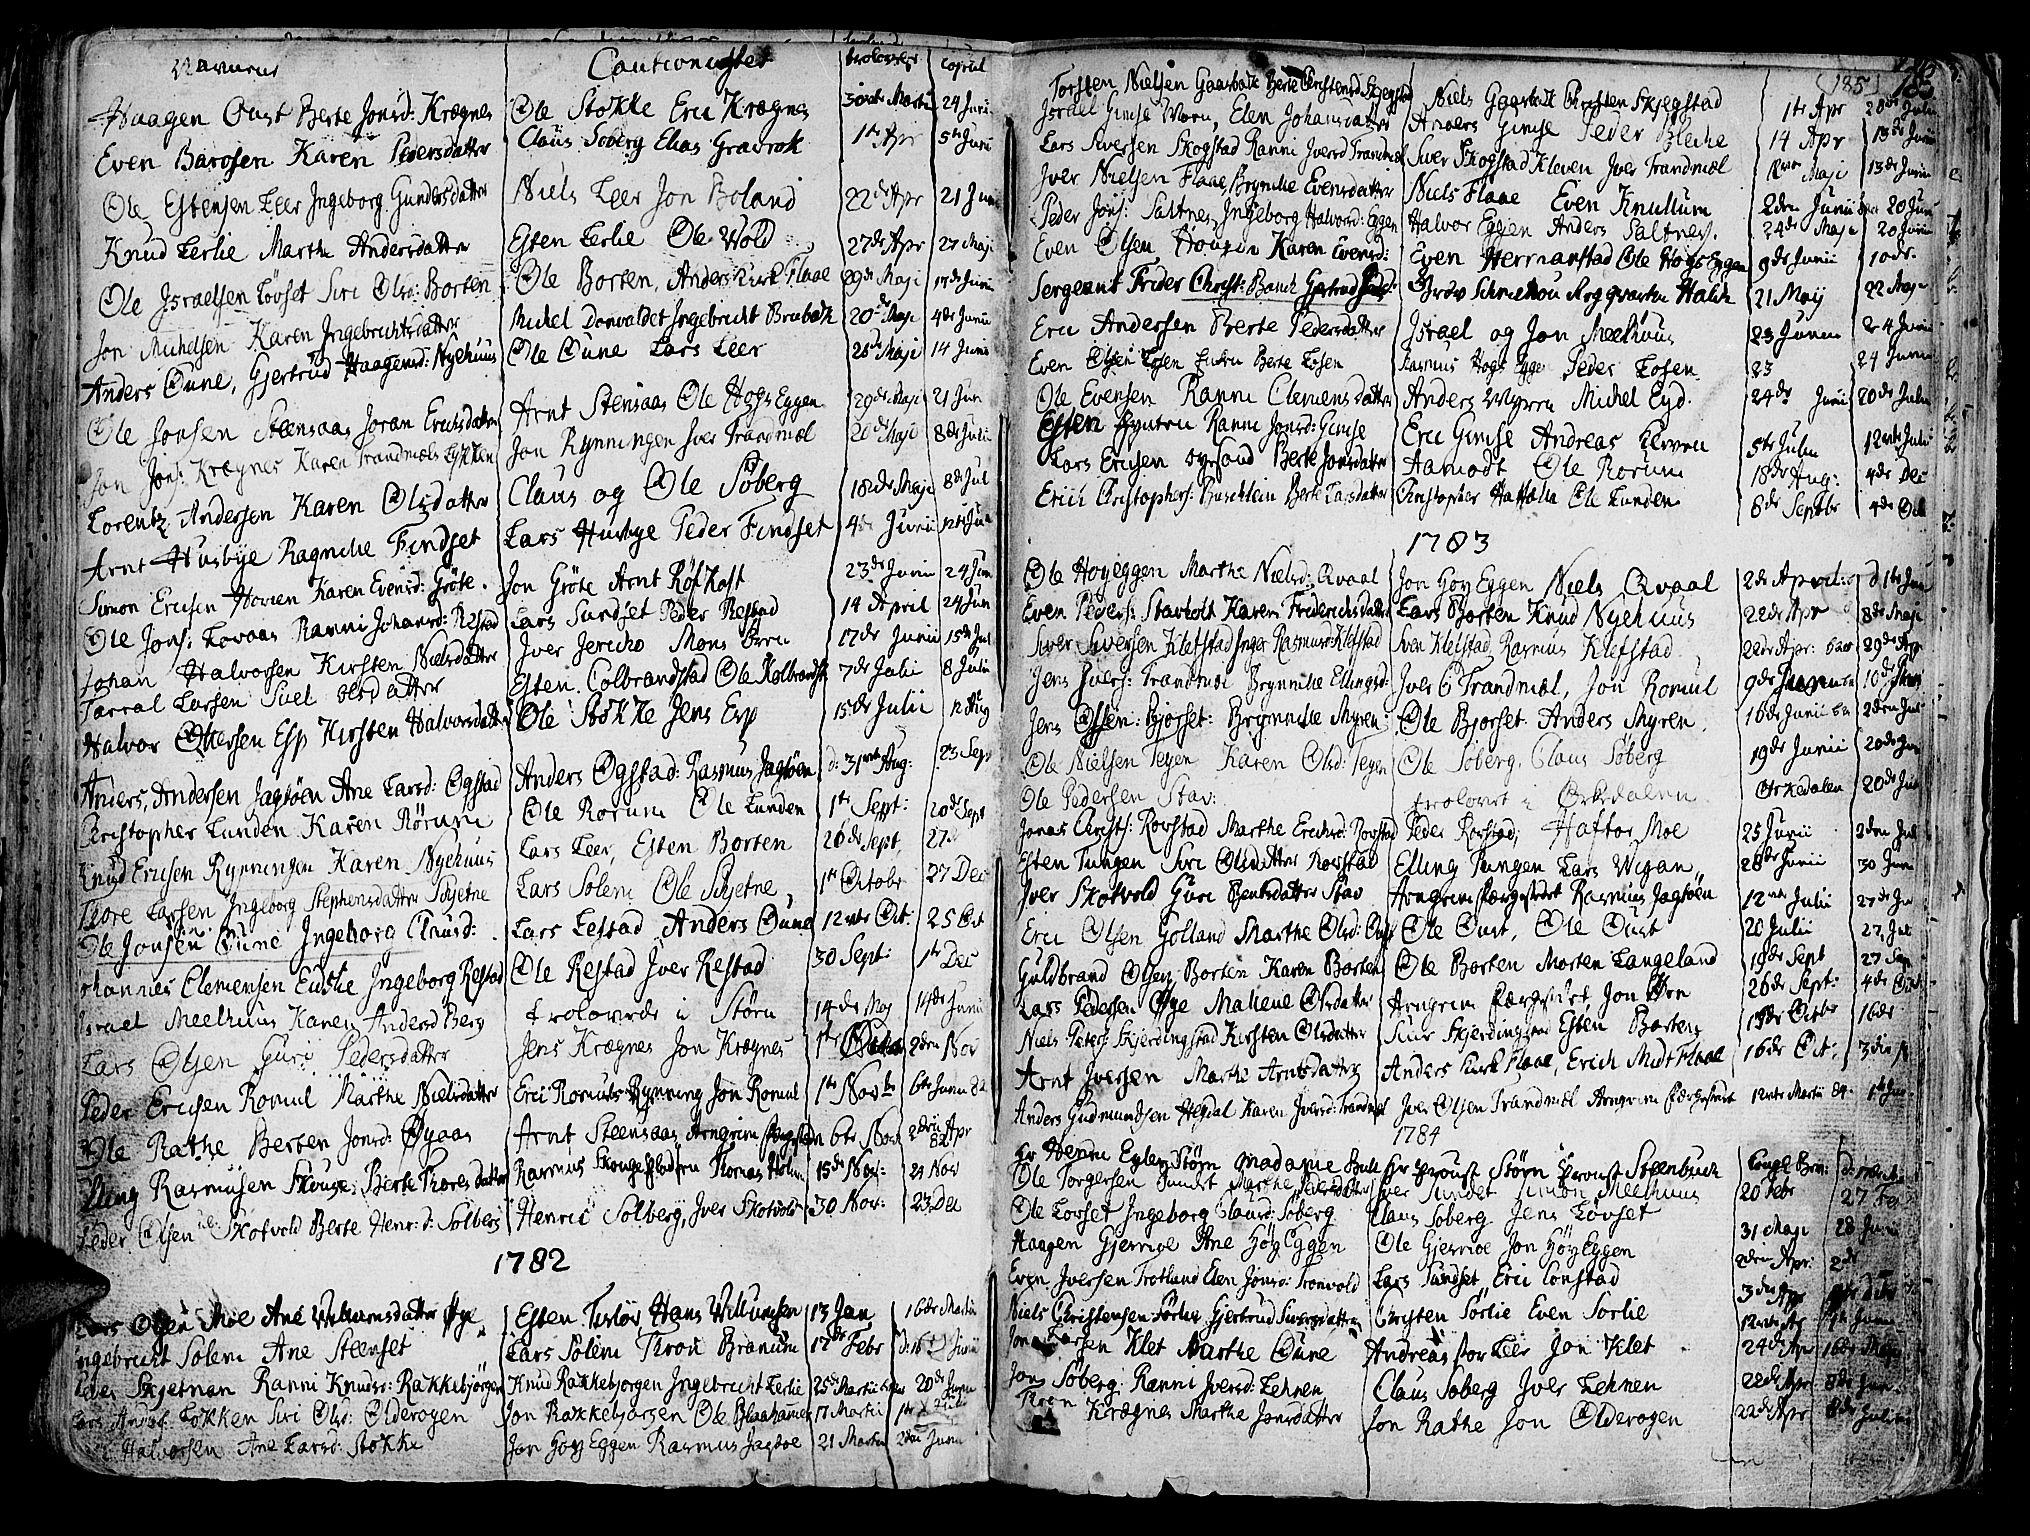 SAT, Ministerialprotokoller, klokkerbøker og fødselsregistre - Sør-Trøndelag, 691/L1061: Ministerialbok nr. 691A02 /1, 1768-1815, s. 185